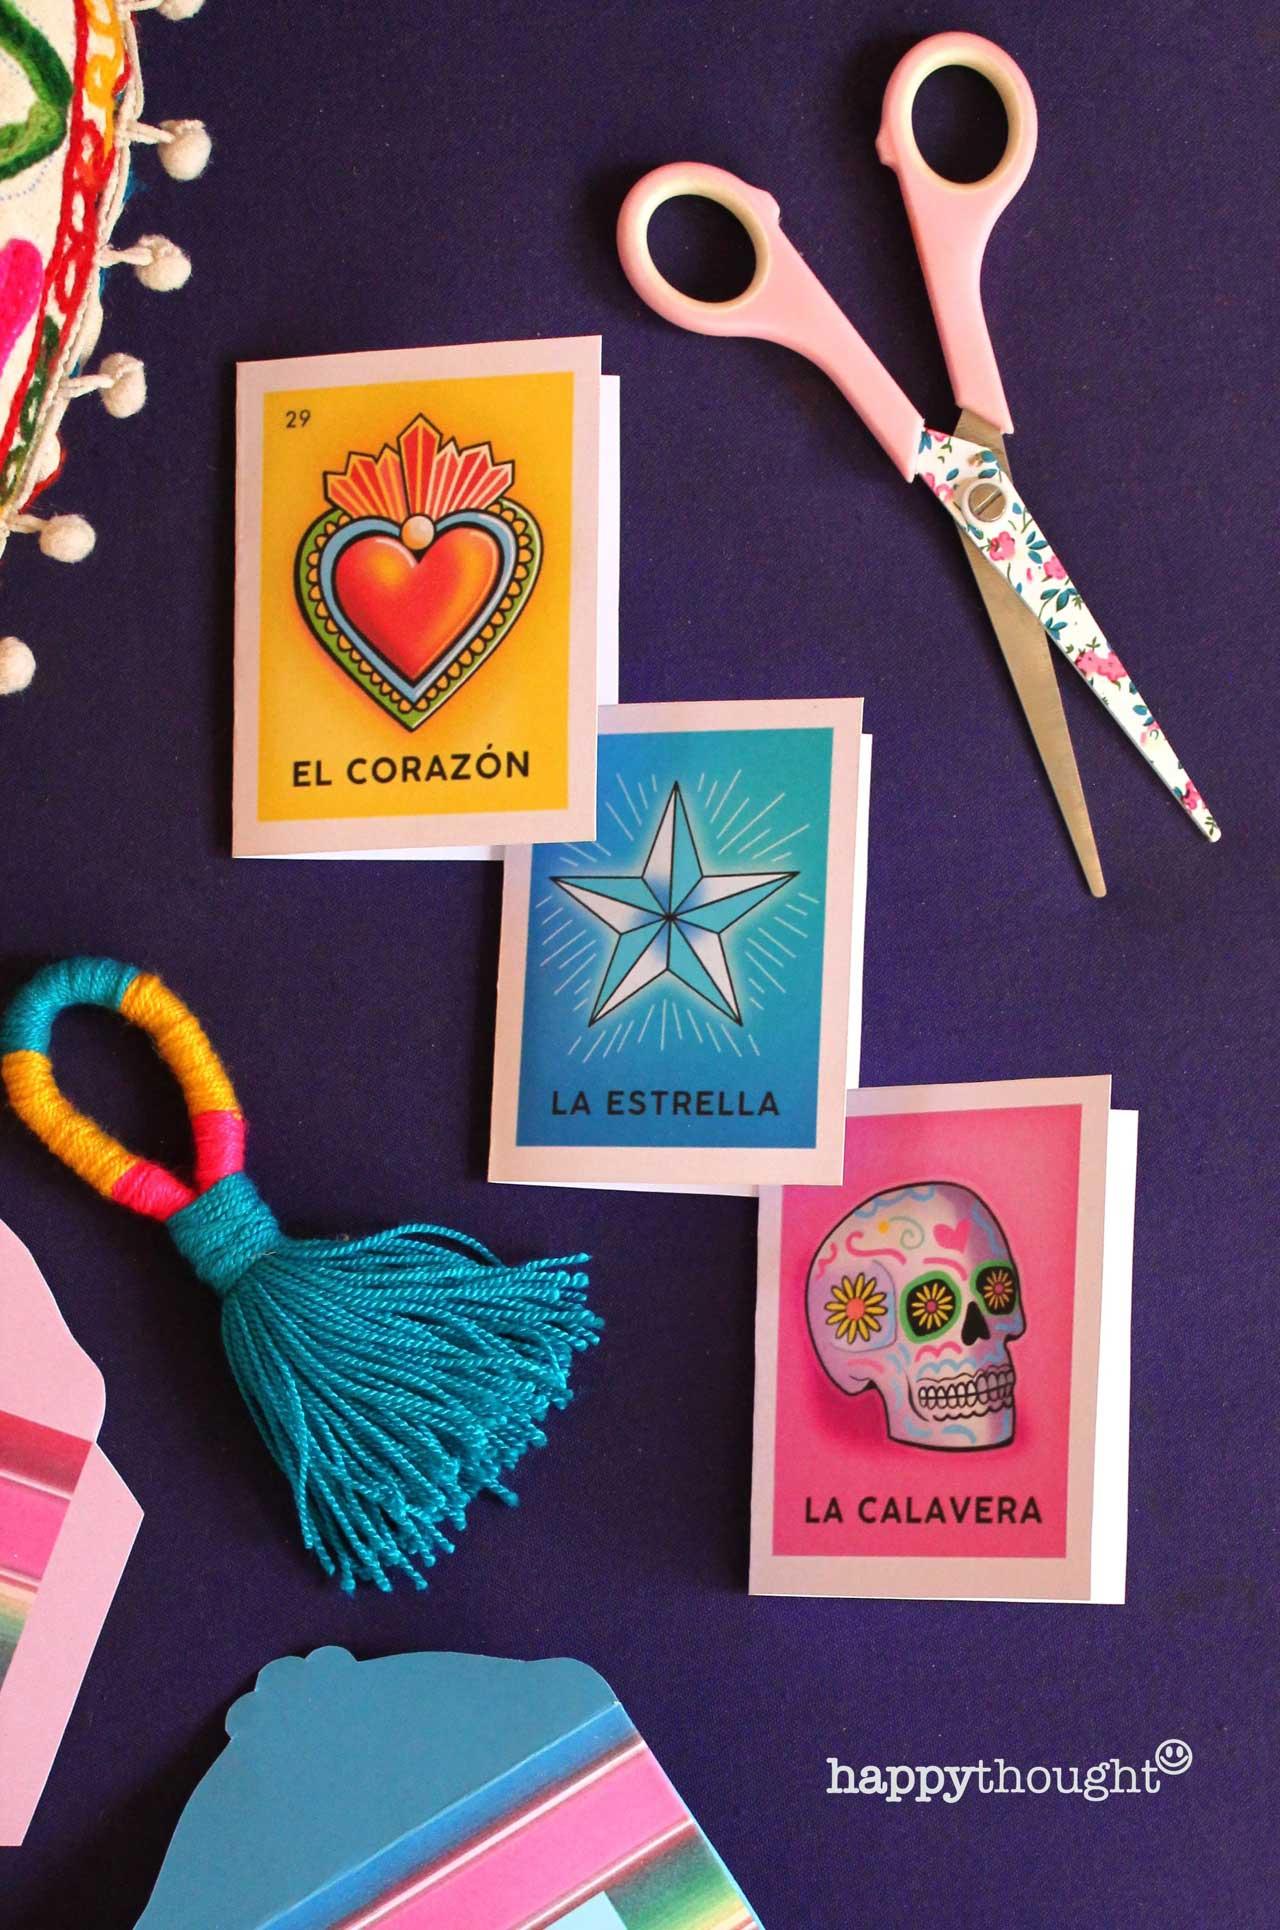 Day of the Dead loteria cards - el dia de loas muertos